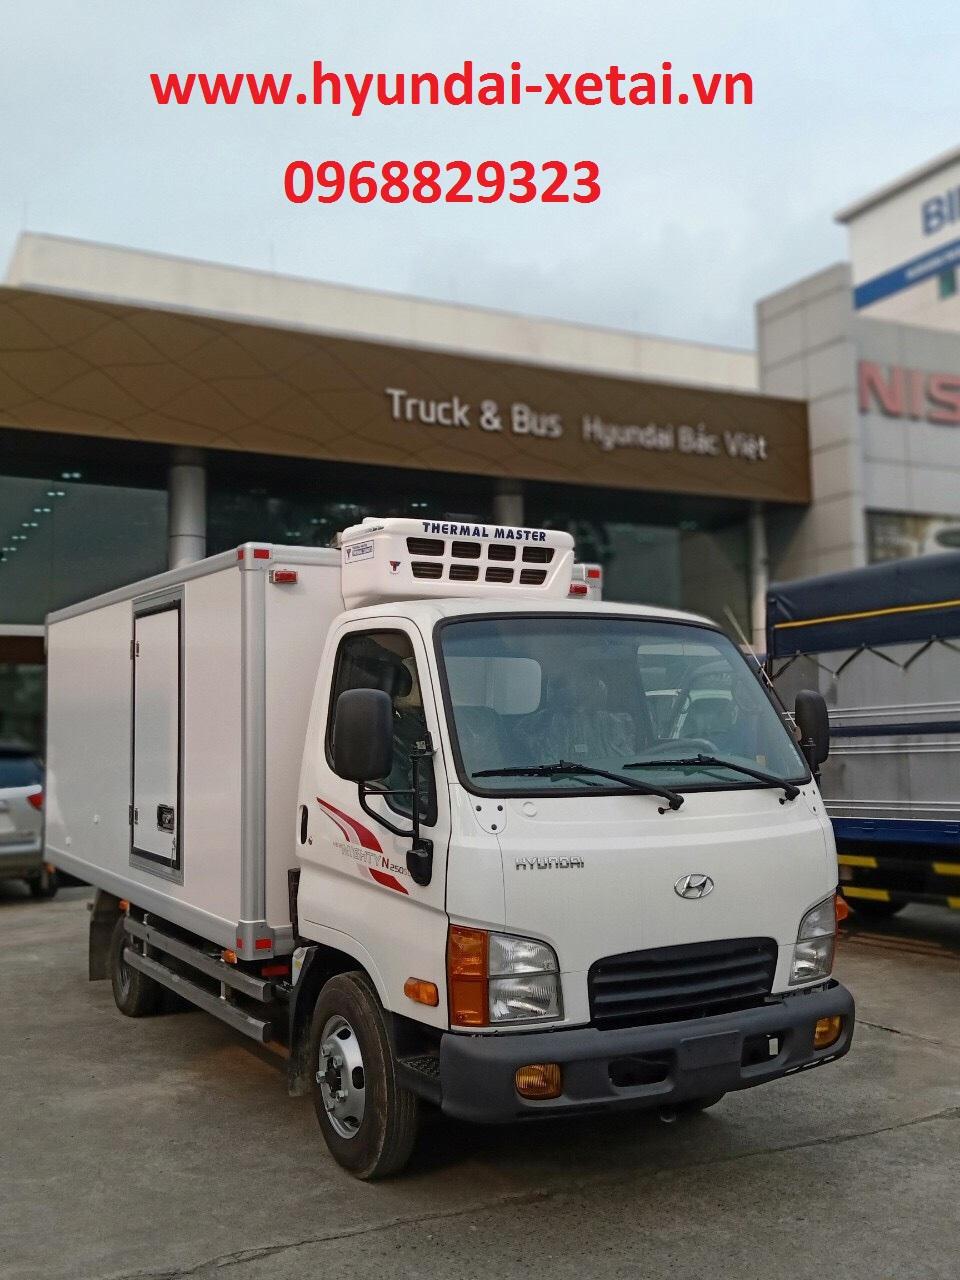 Hyundai Xe tải 2.5 tấn N250SL Thùng 4M3 đông lạnh